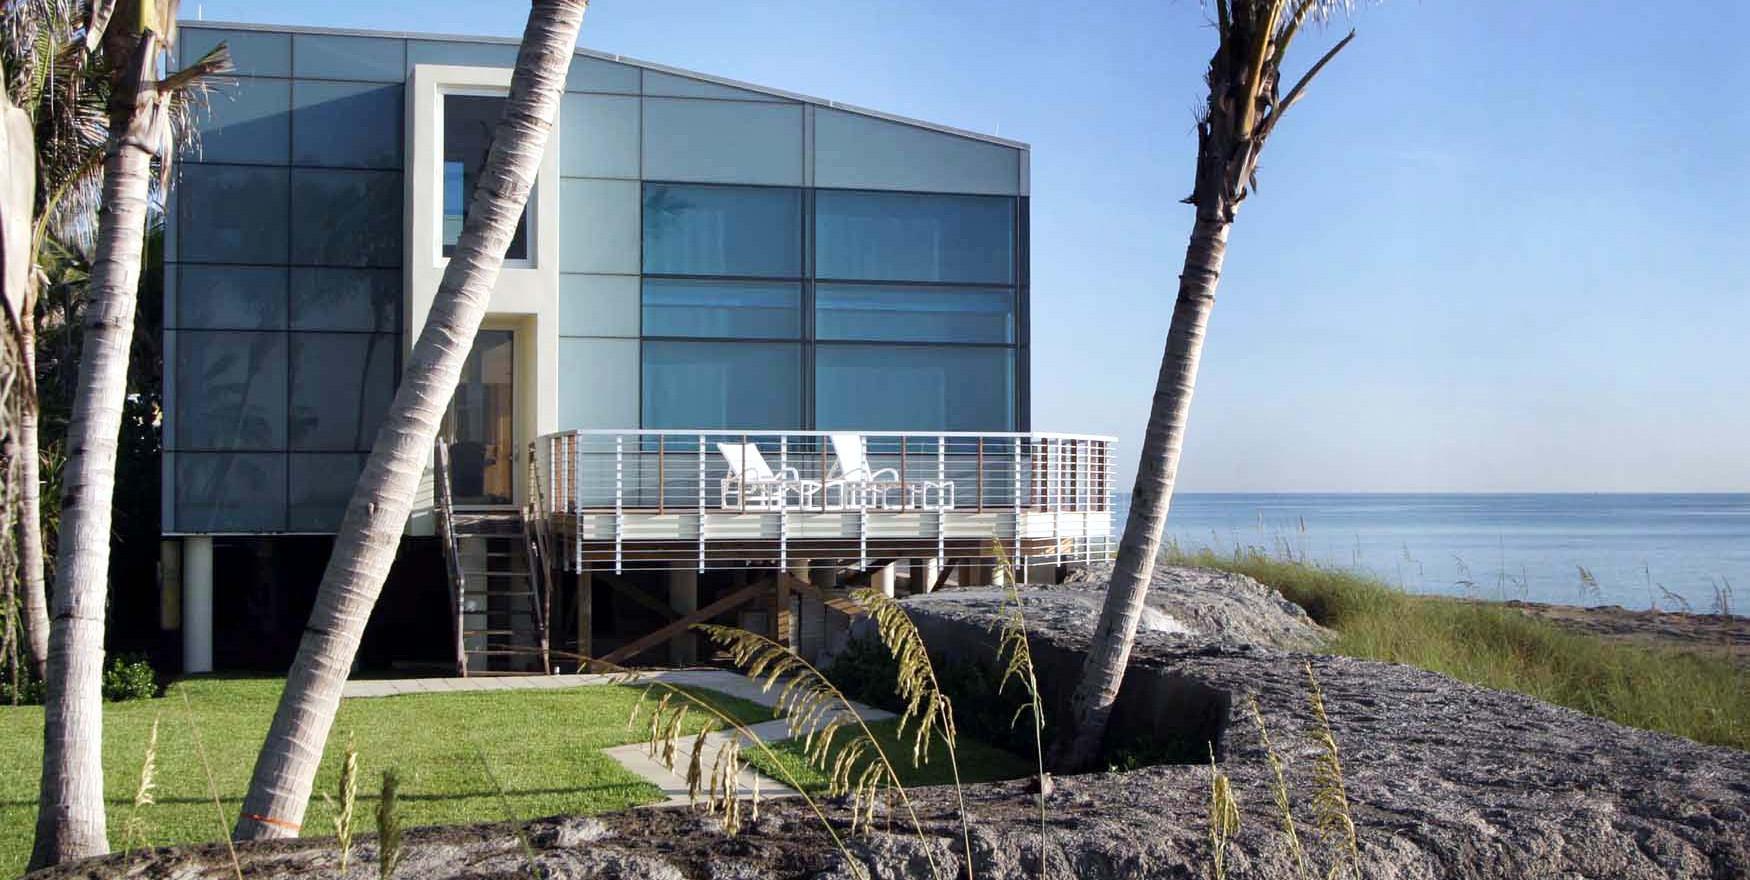 Hughes Umbanhowar Architects